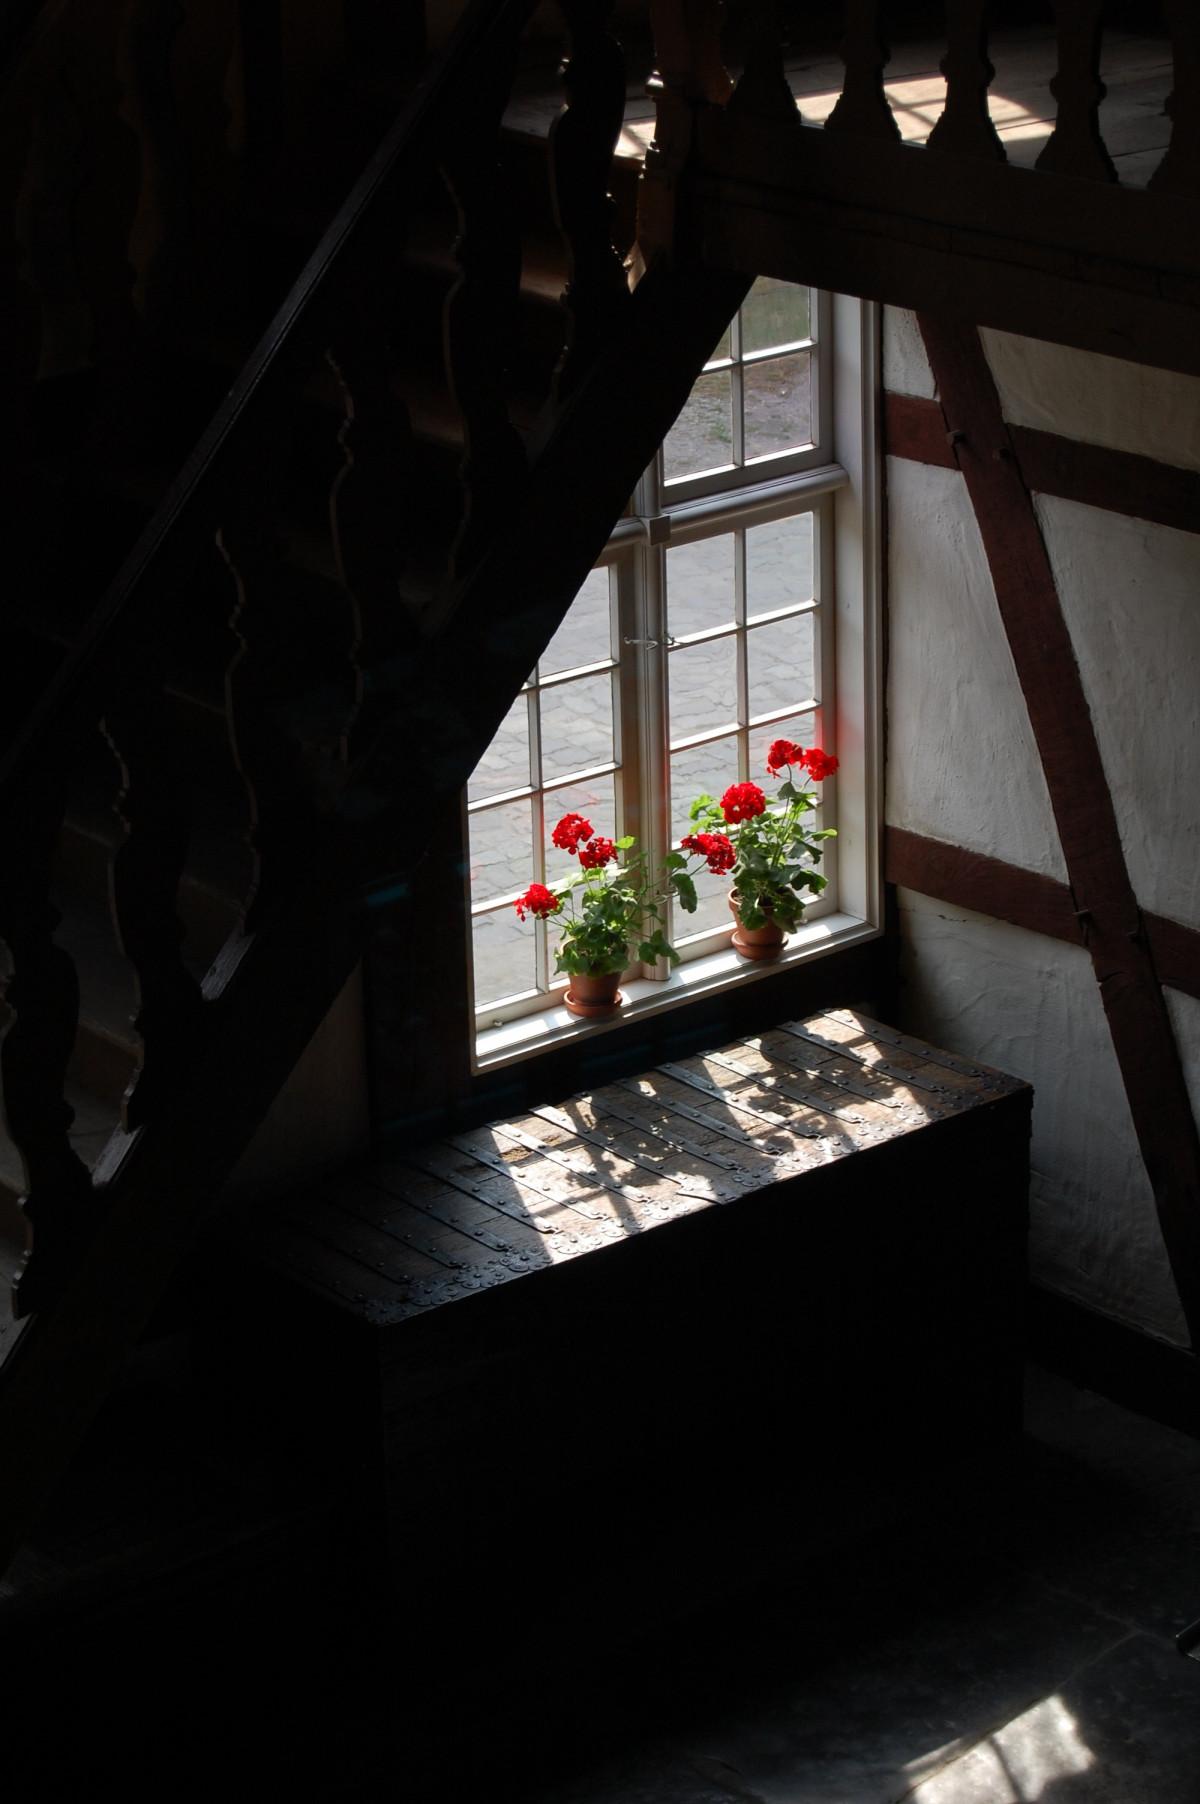 무료 이미지 : 빛, 목재, 집, 창문, 색깔, 그림자, 어둠, 거실, 검은 ...